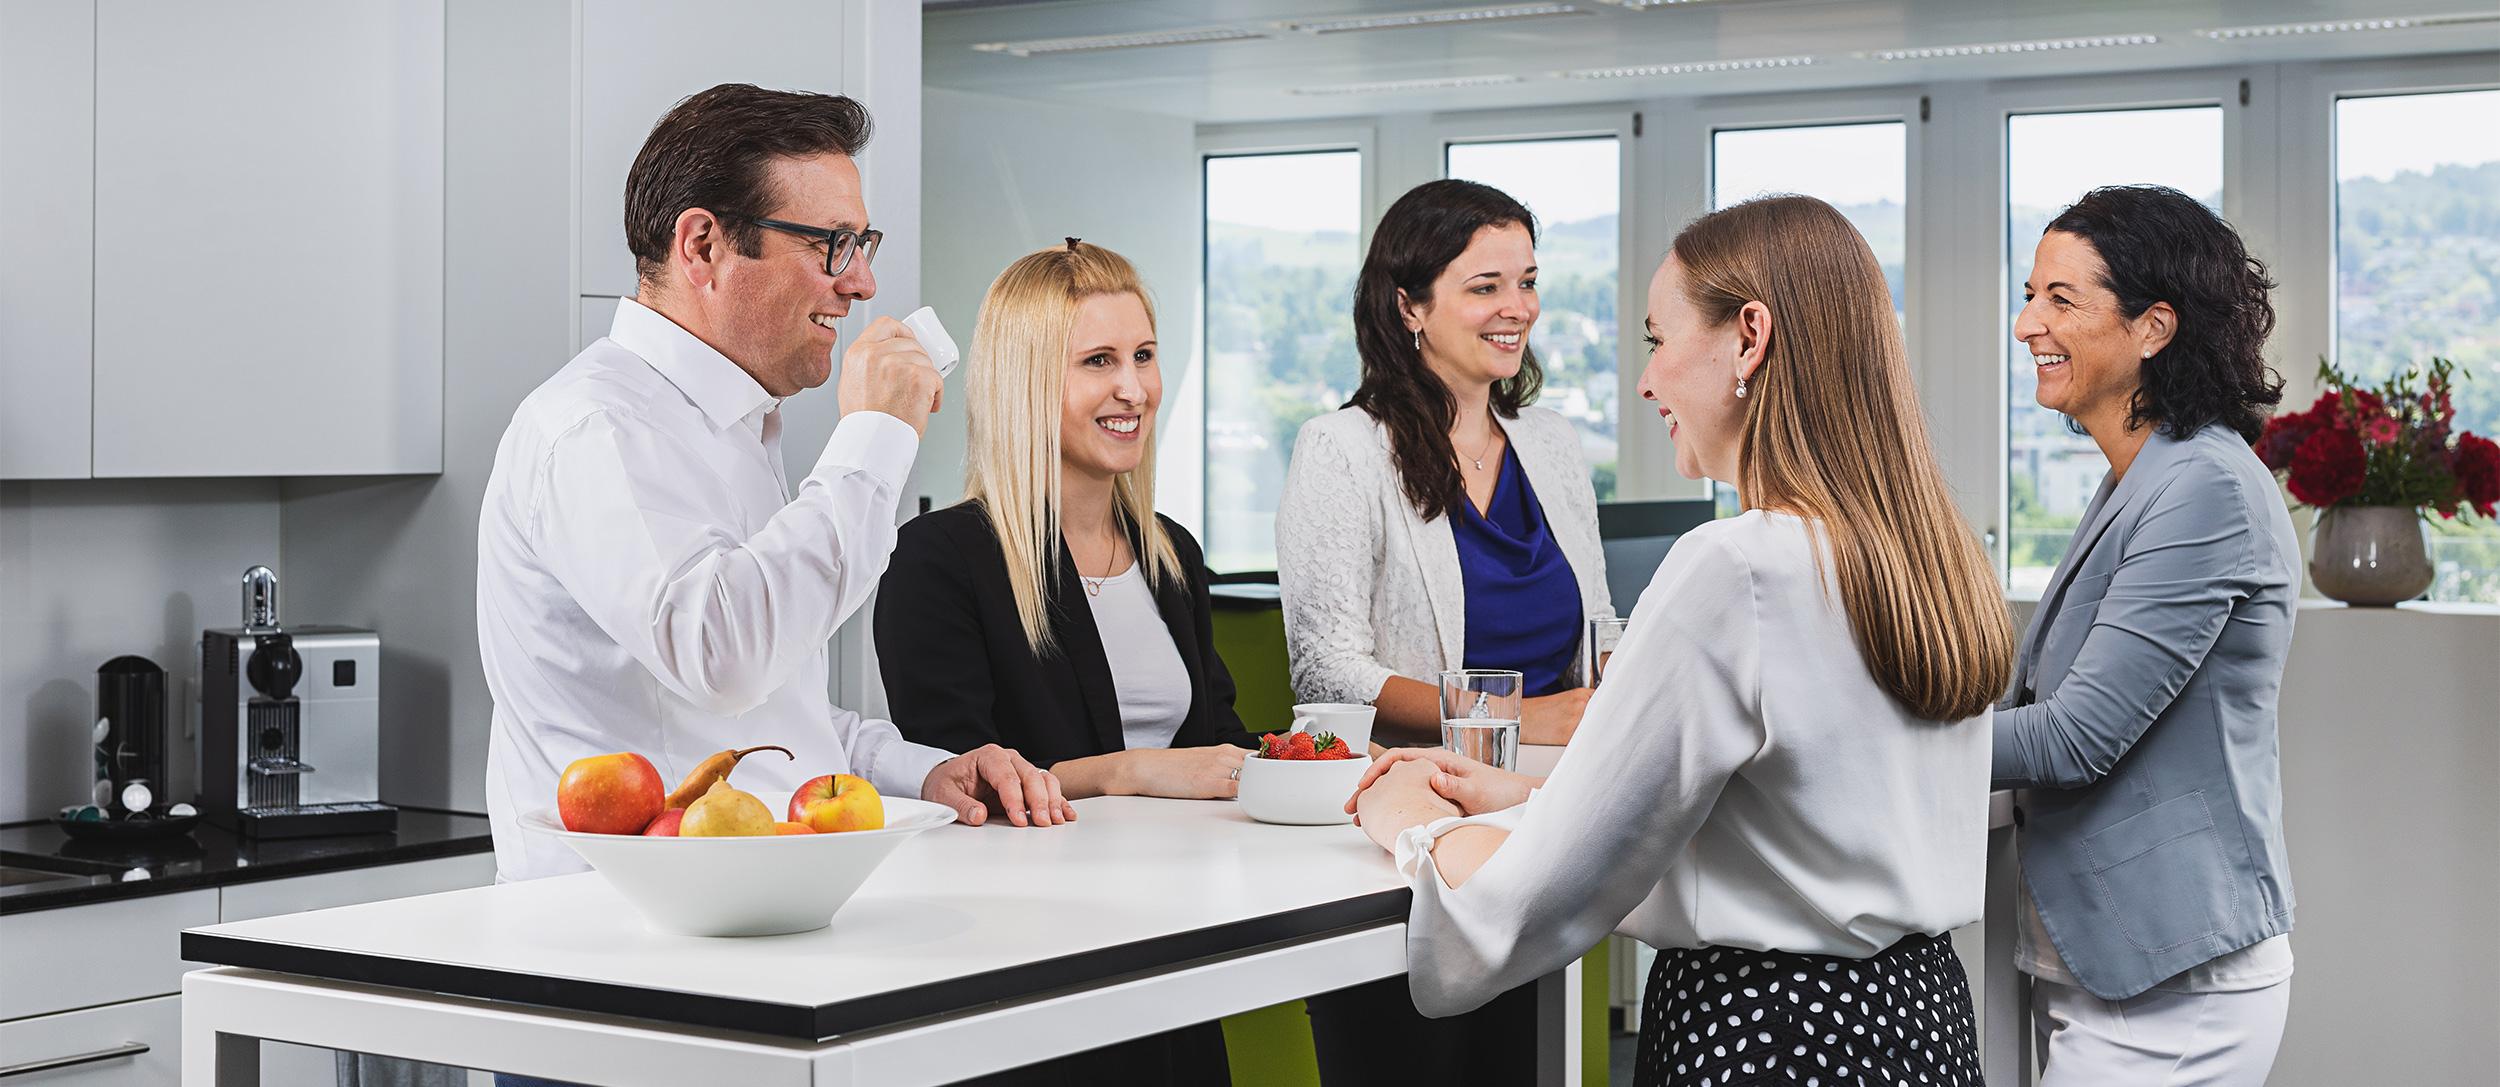 Grunder Rechtsanwälte AG – Anwaltskanzlei Team